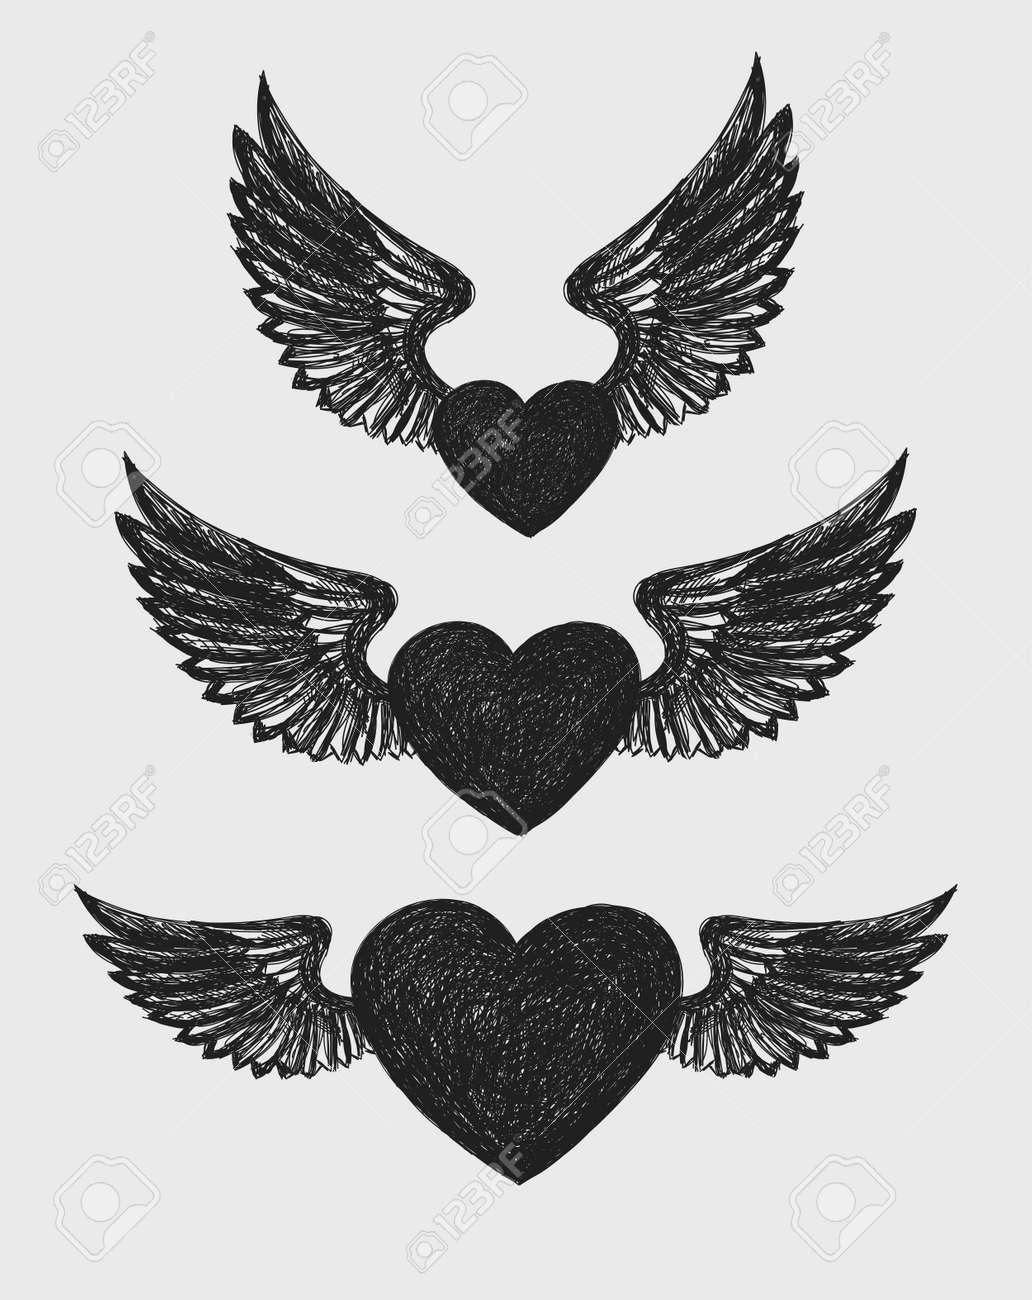 El Corazón Con Alas Un Conjunto De Tres Corazones Con Alas